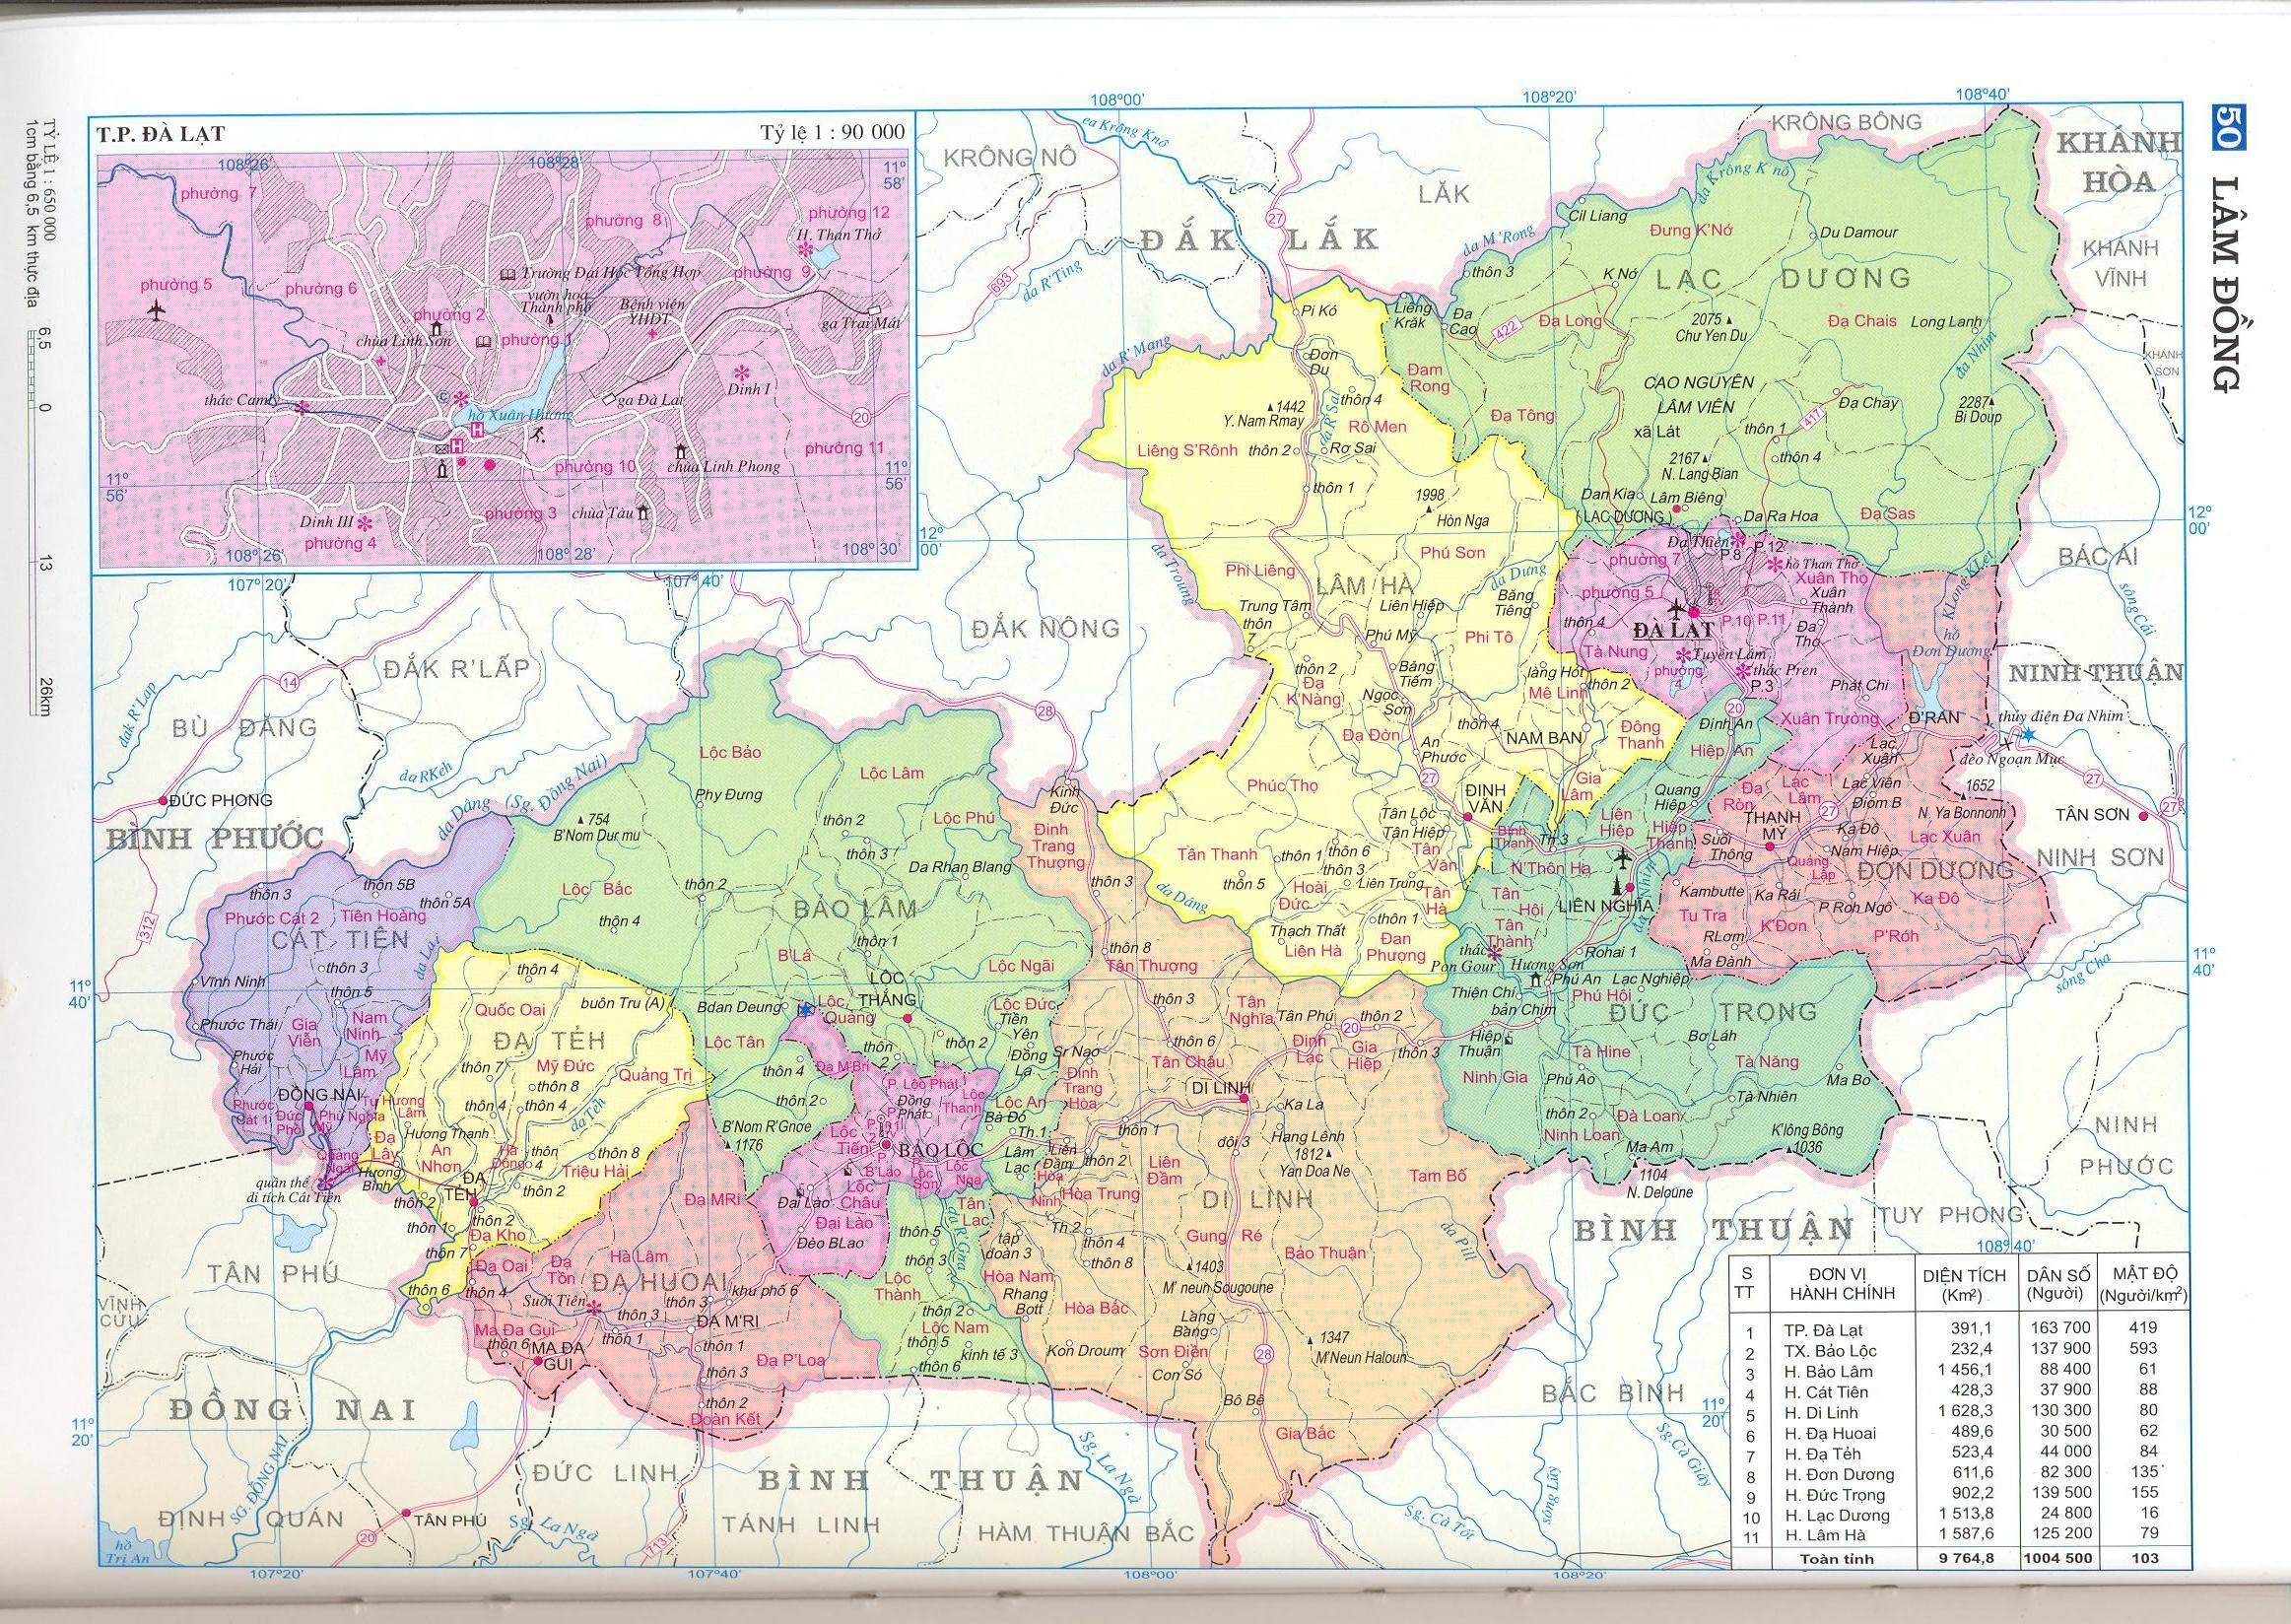 Bản đồ hành chính tỉnh Lâm Đồng